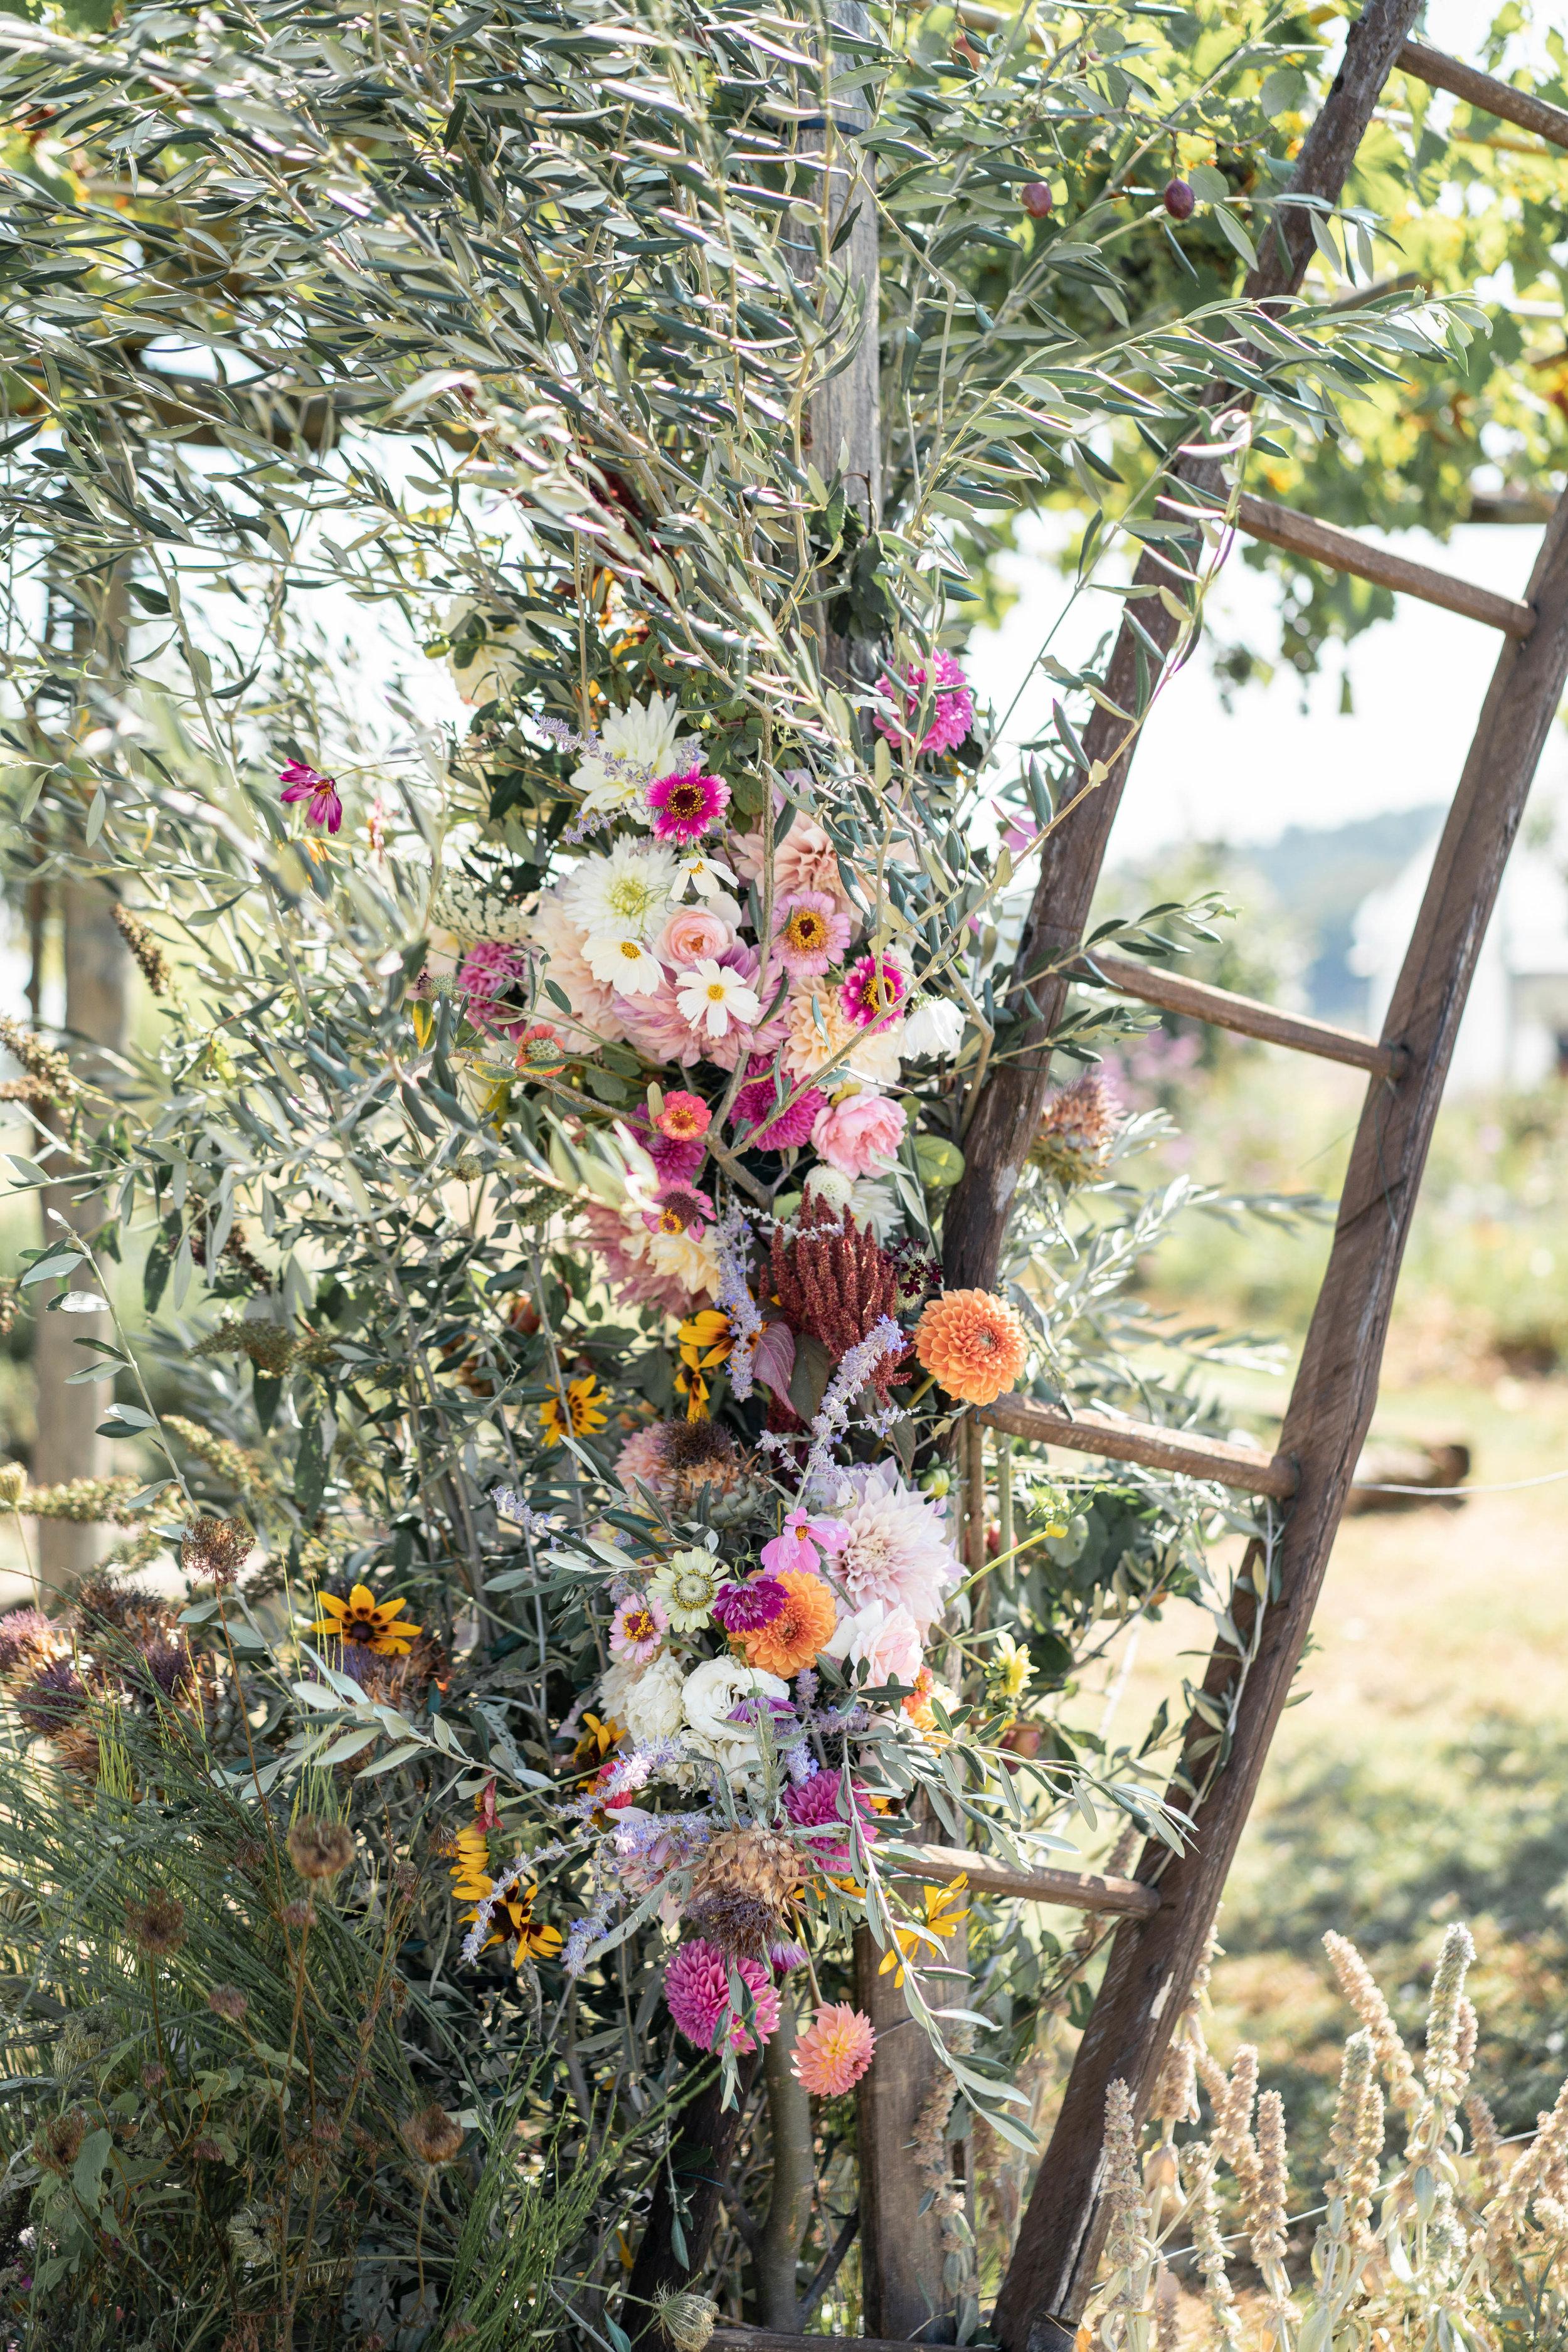 Oh Flora Destination Workshop - Sydney Based Florist and Event Designer